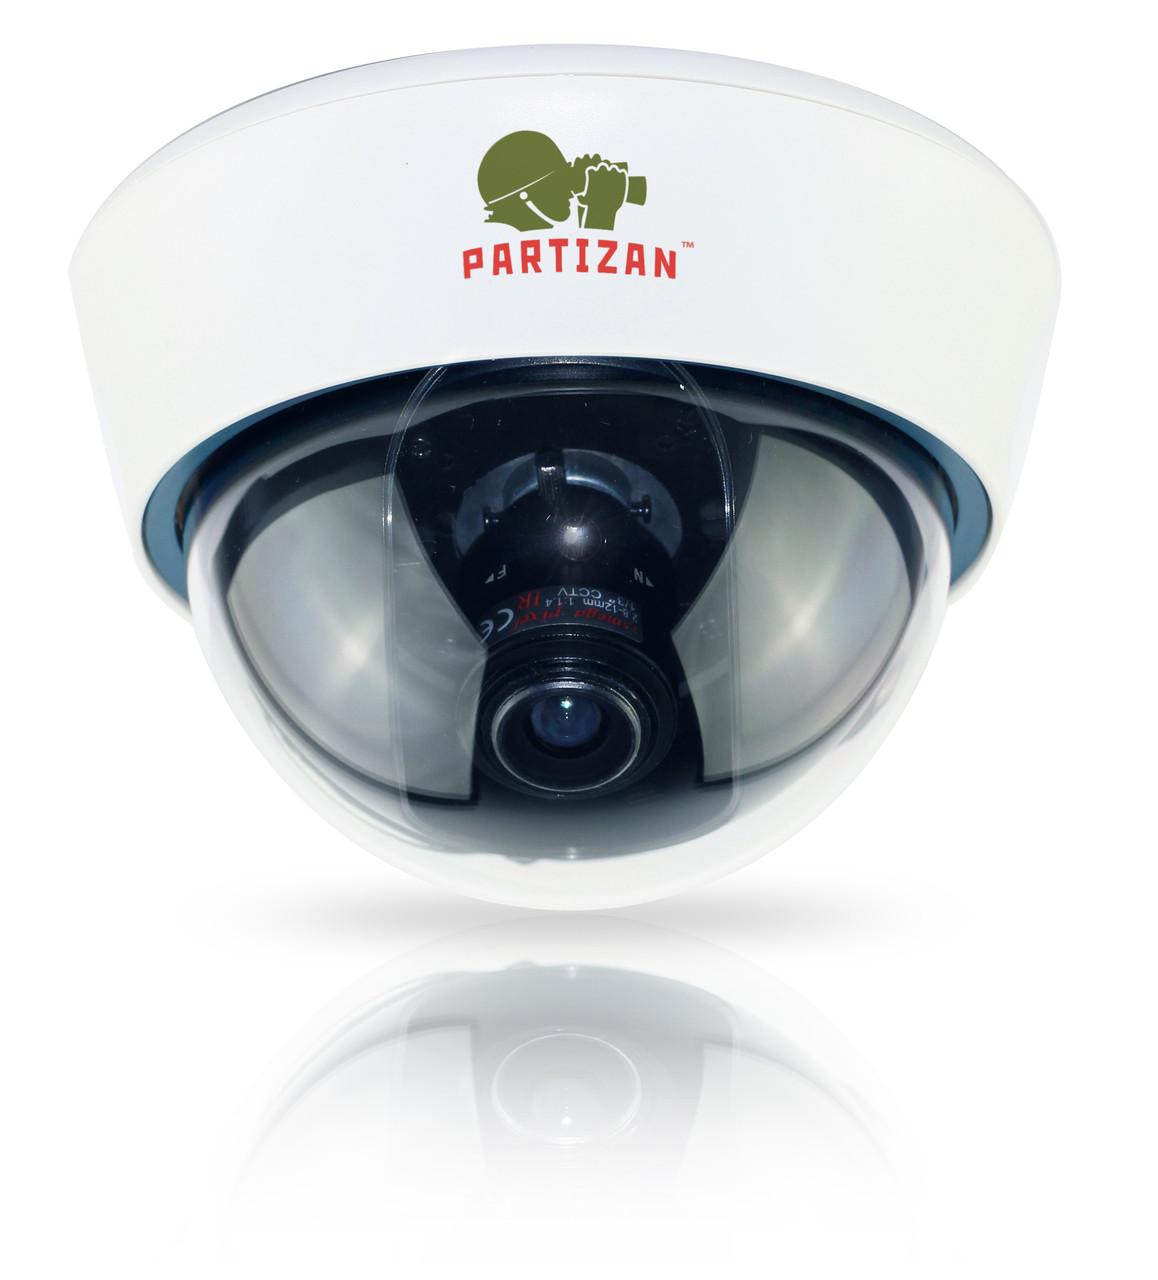 Аналоговая камера. Видеокамера купольная Partizan CDM-VF32HQ-7 - Контроль и Безопасность в Днепре